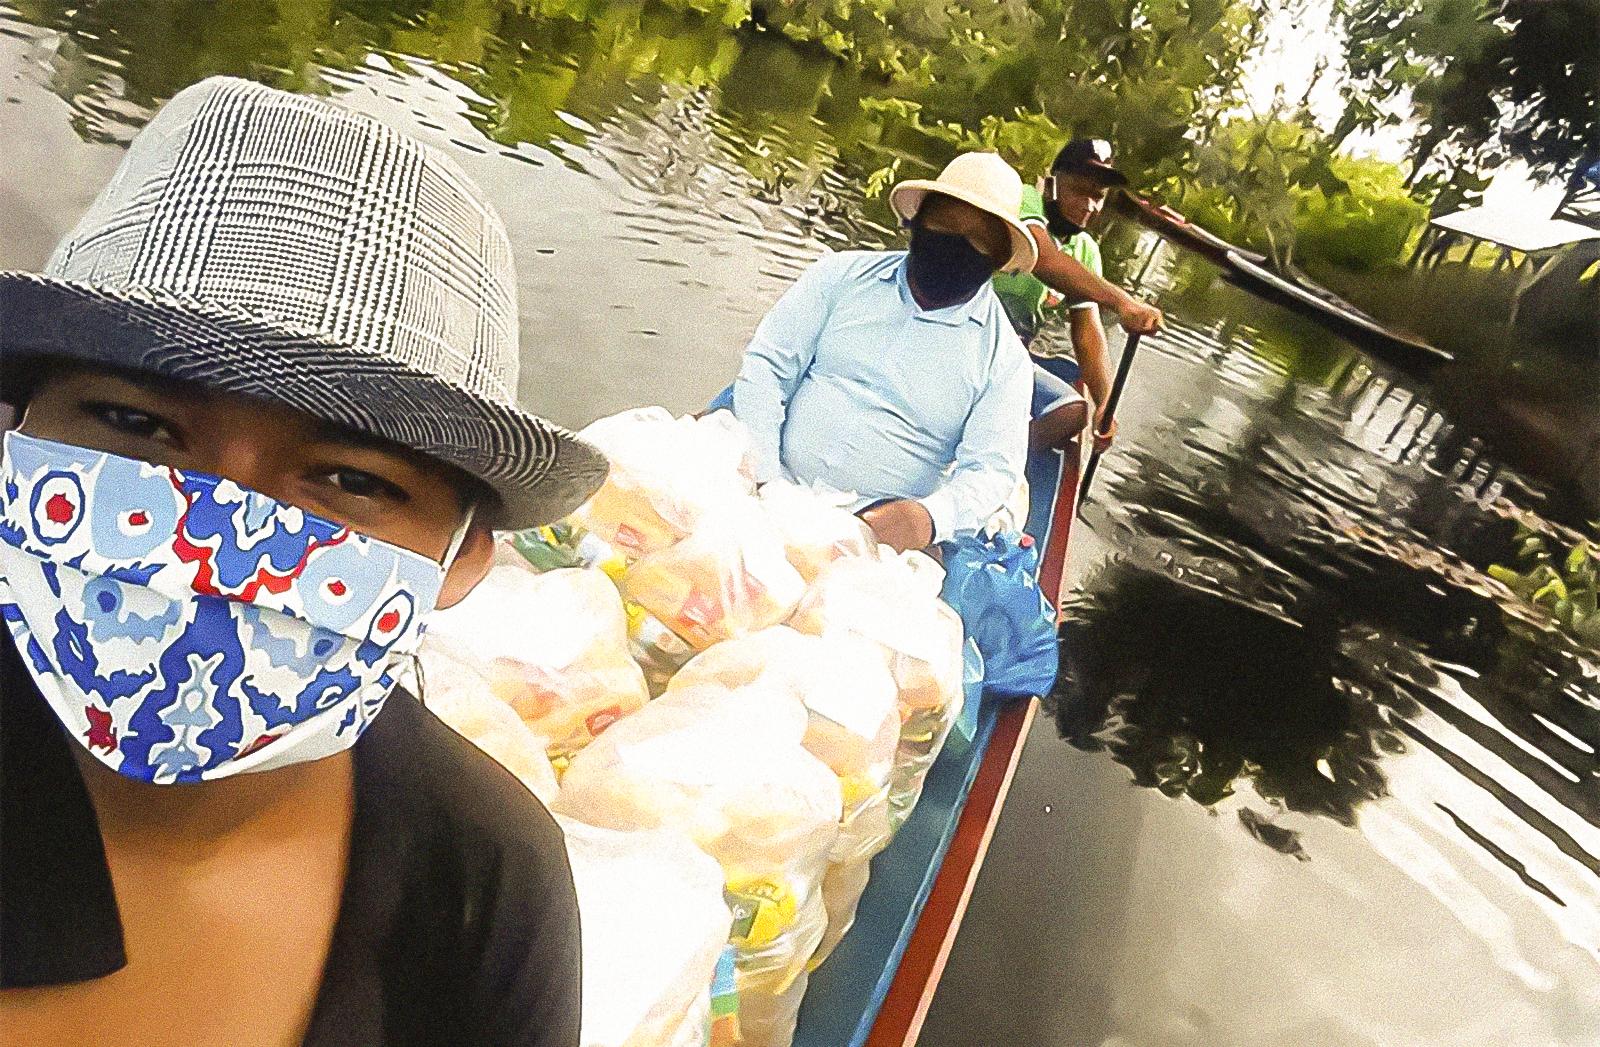 Jocinara Siqueira, Francisco Neto e Edno Lopes entregam cestas básicas para a comunidade do Urupanã. cidade de Terra Santa, no estado brasileiro do Pará, na floresta amazônica.